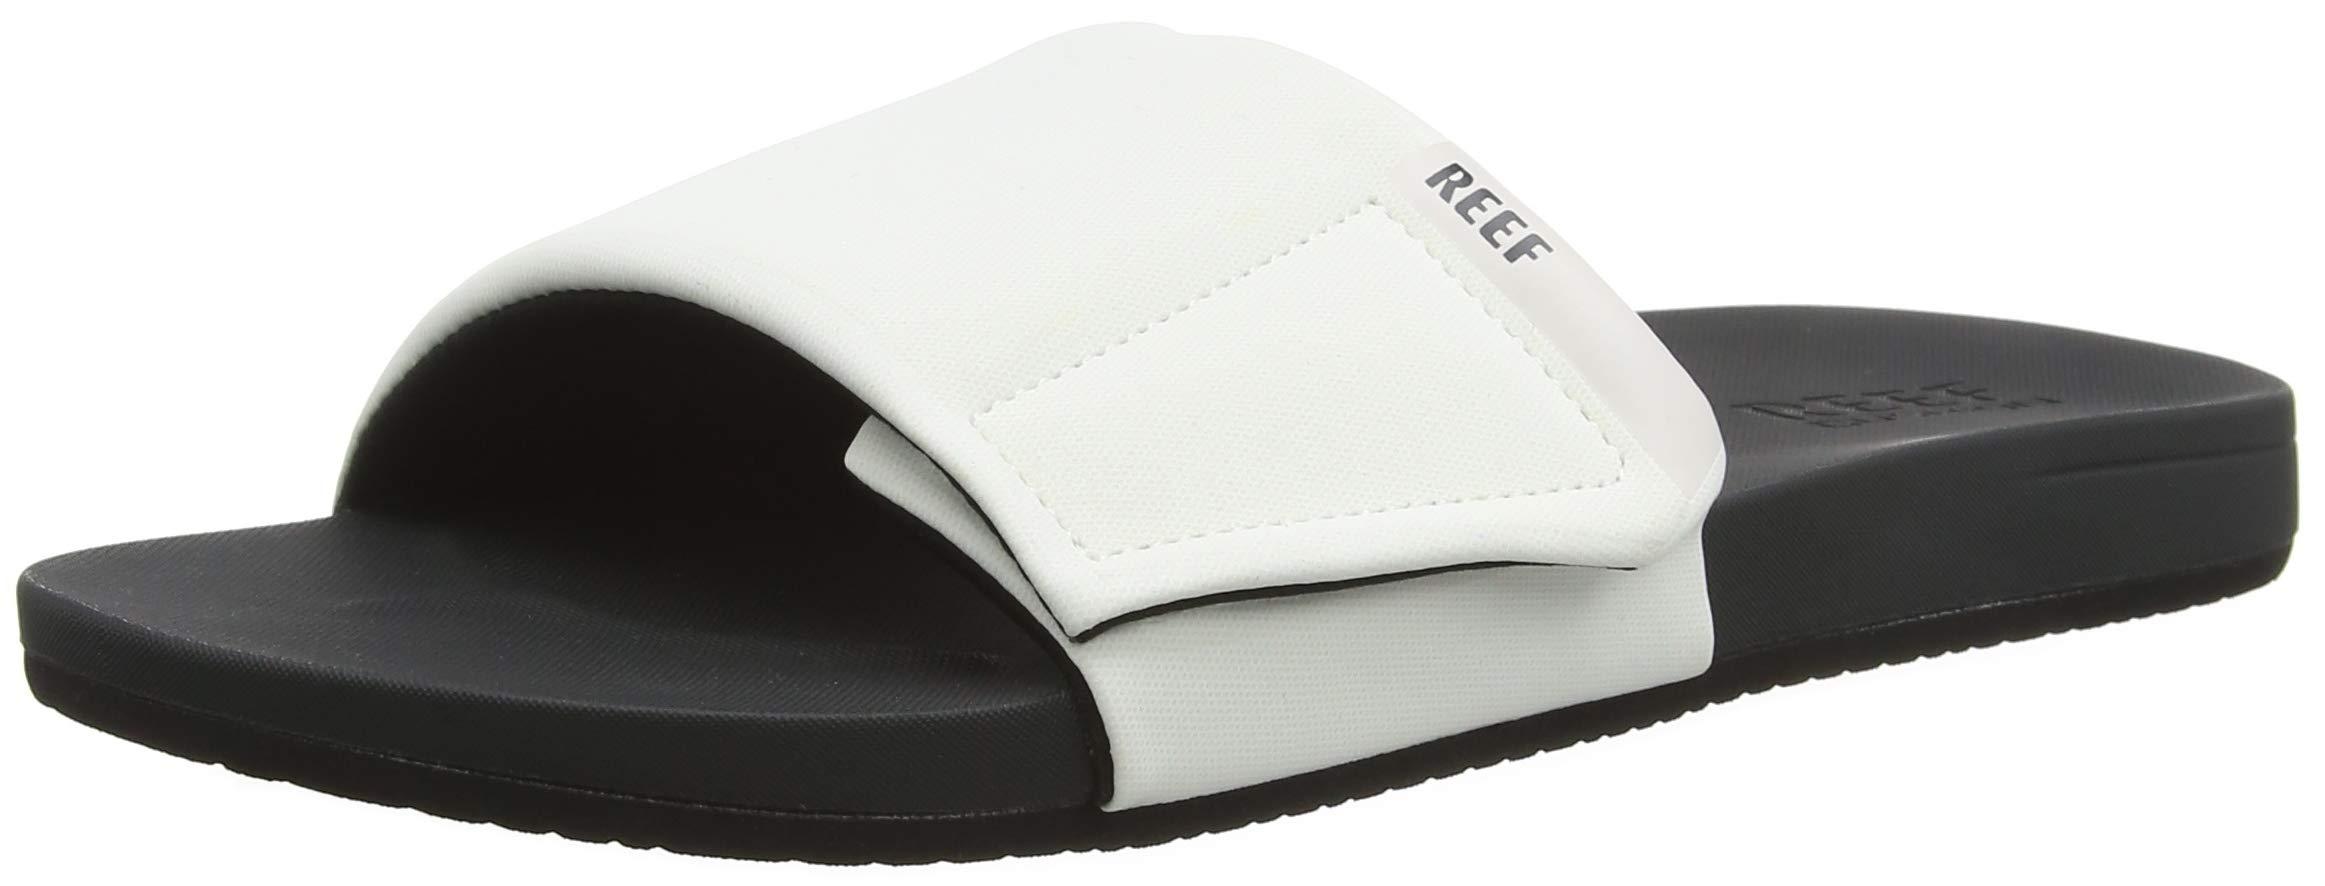 Reef Men S Cushion Bounce Slide Grey White 10 D Us